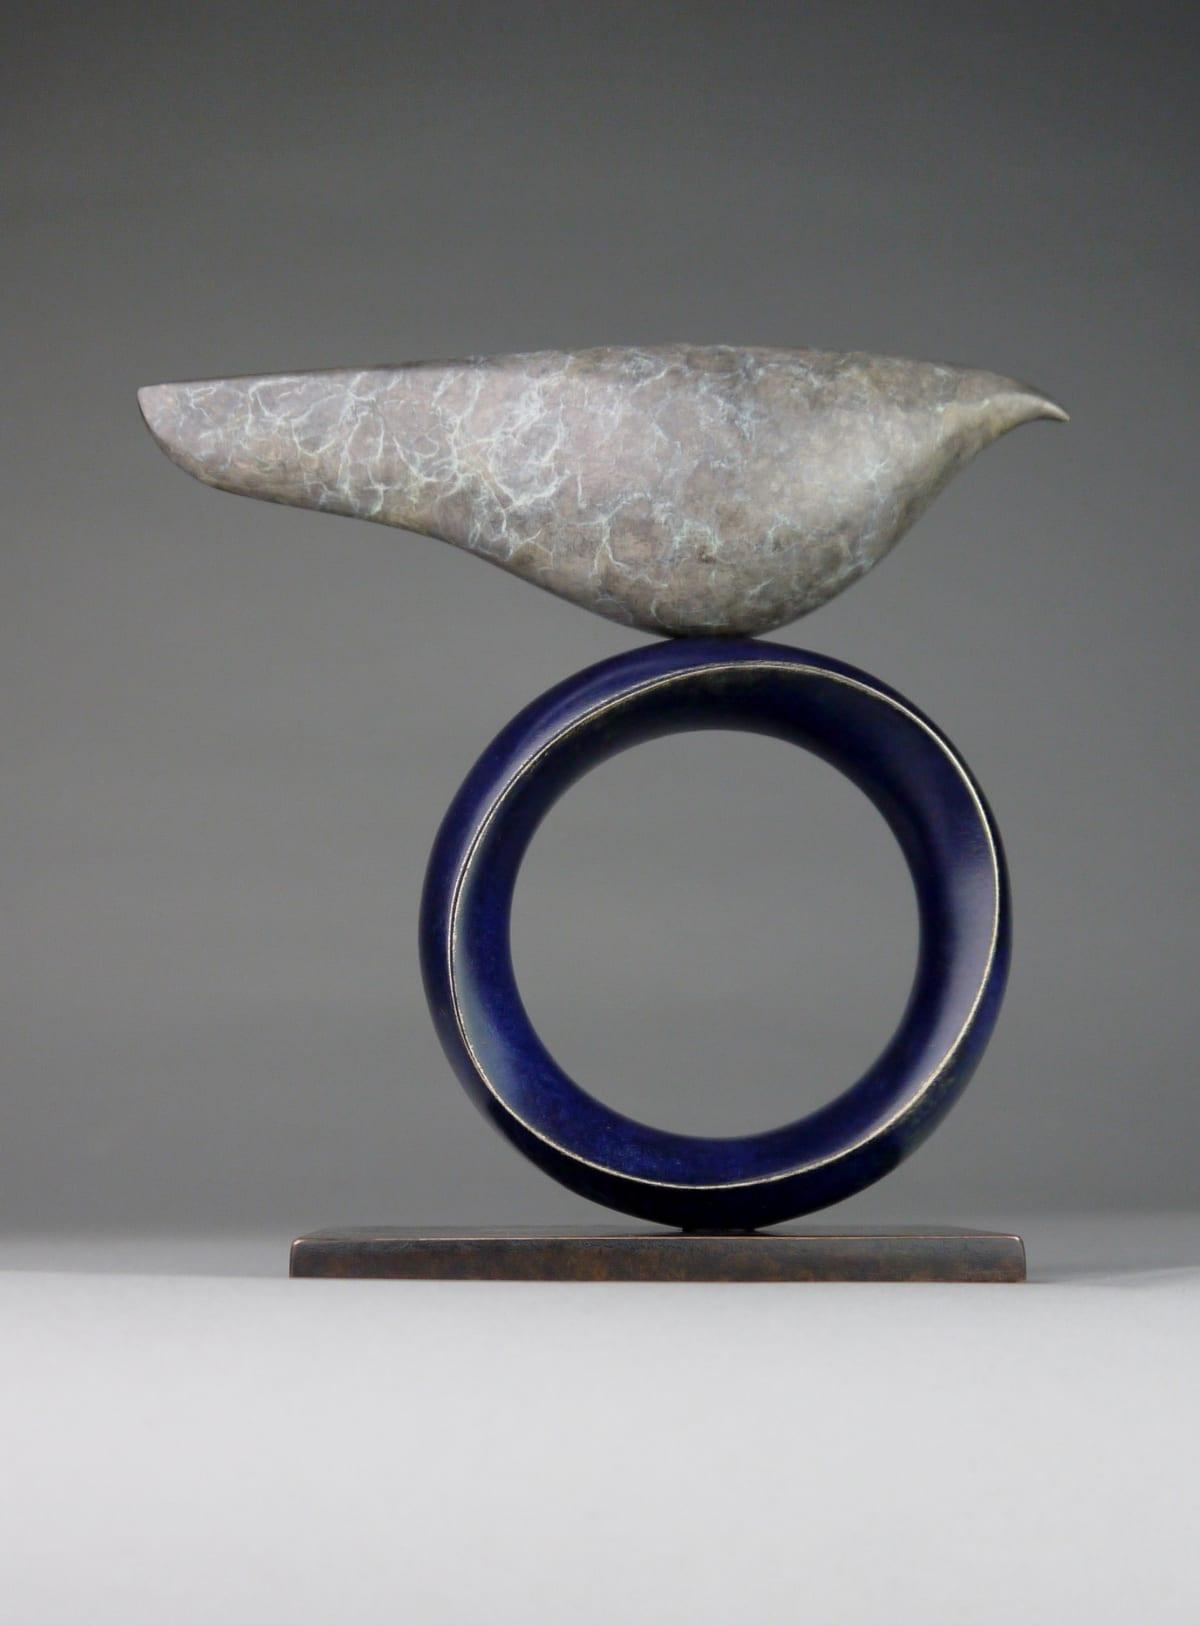 Stephen Page Venus Bird, 2019 Bronze Sculpture 14 x 14 x 6 cm 5 1/2 x 5 1/2 x 2 3/8 in Edition 20 of 25